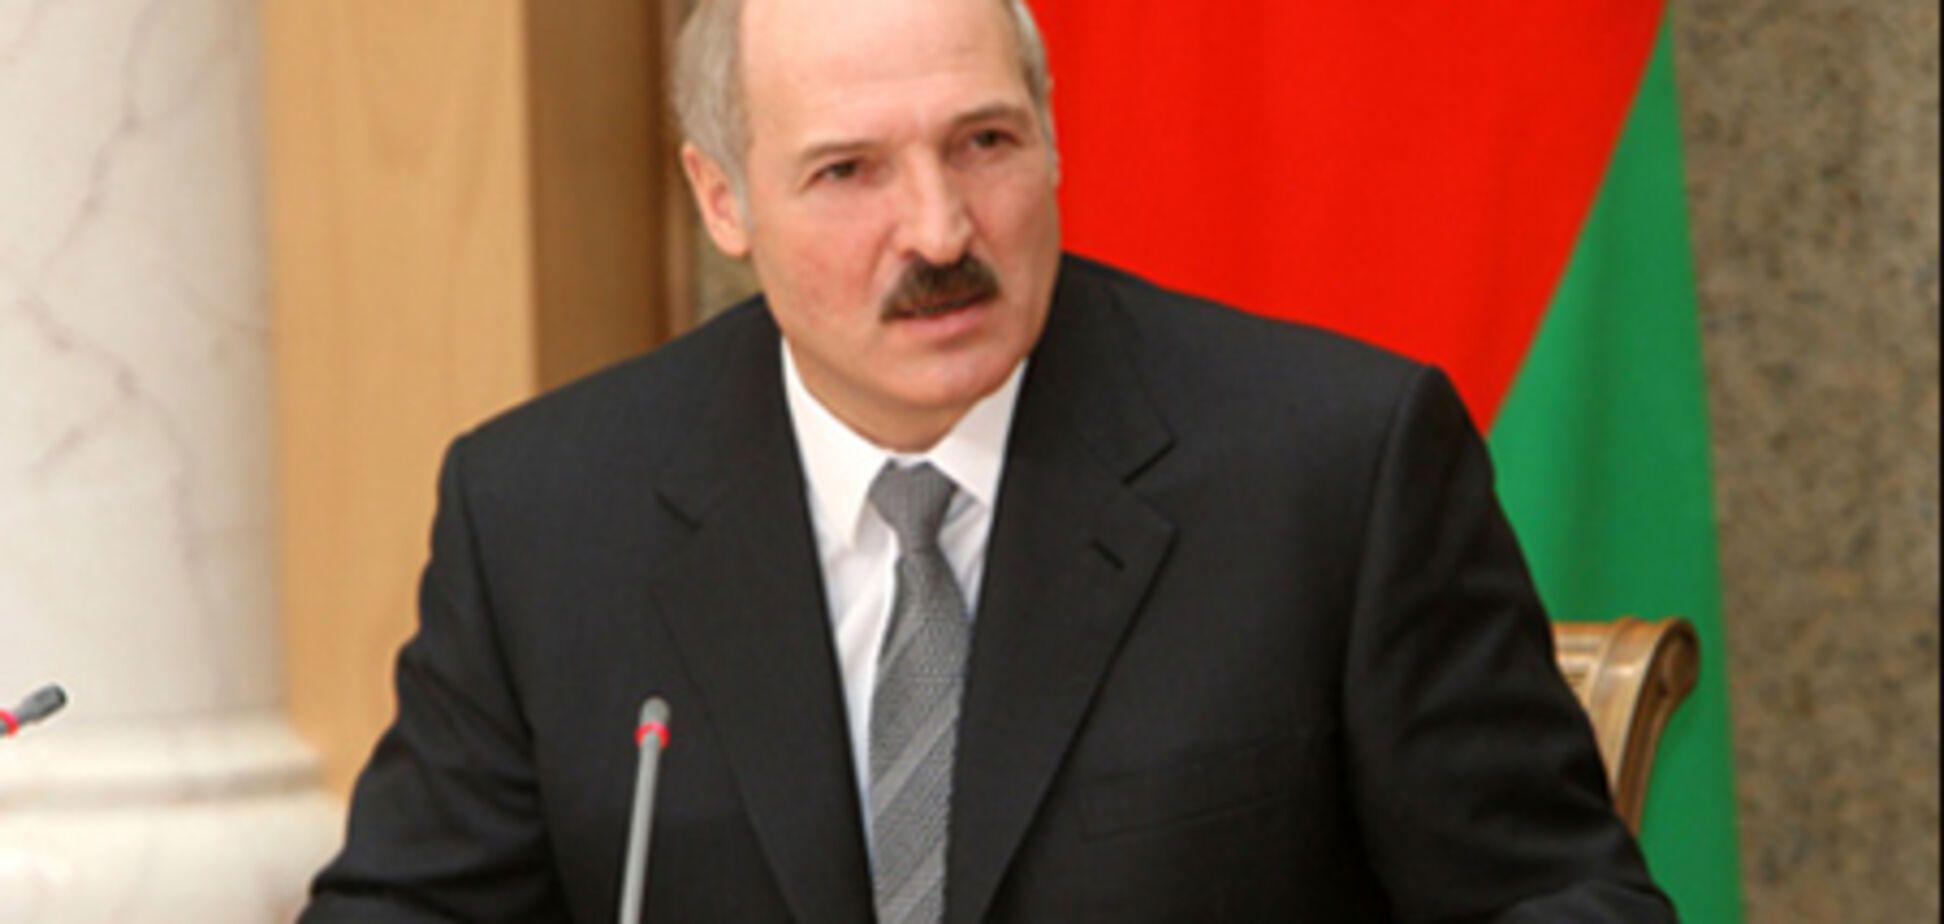 ЄС готовий закрити Європу для Лукашенка